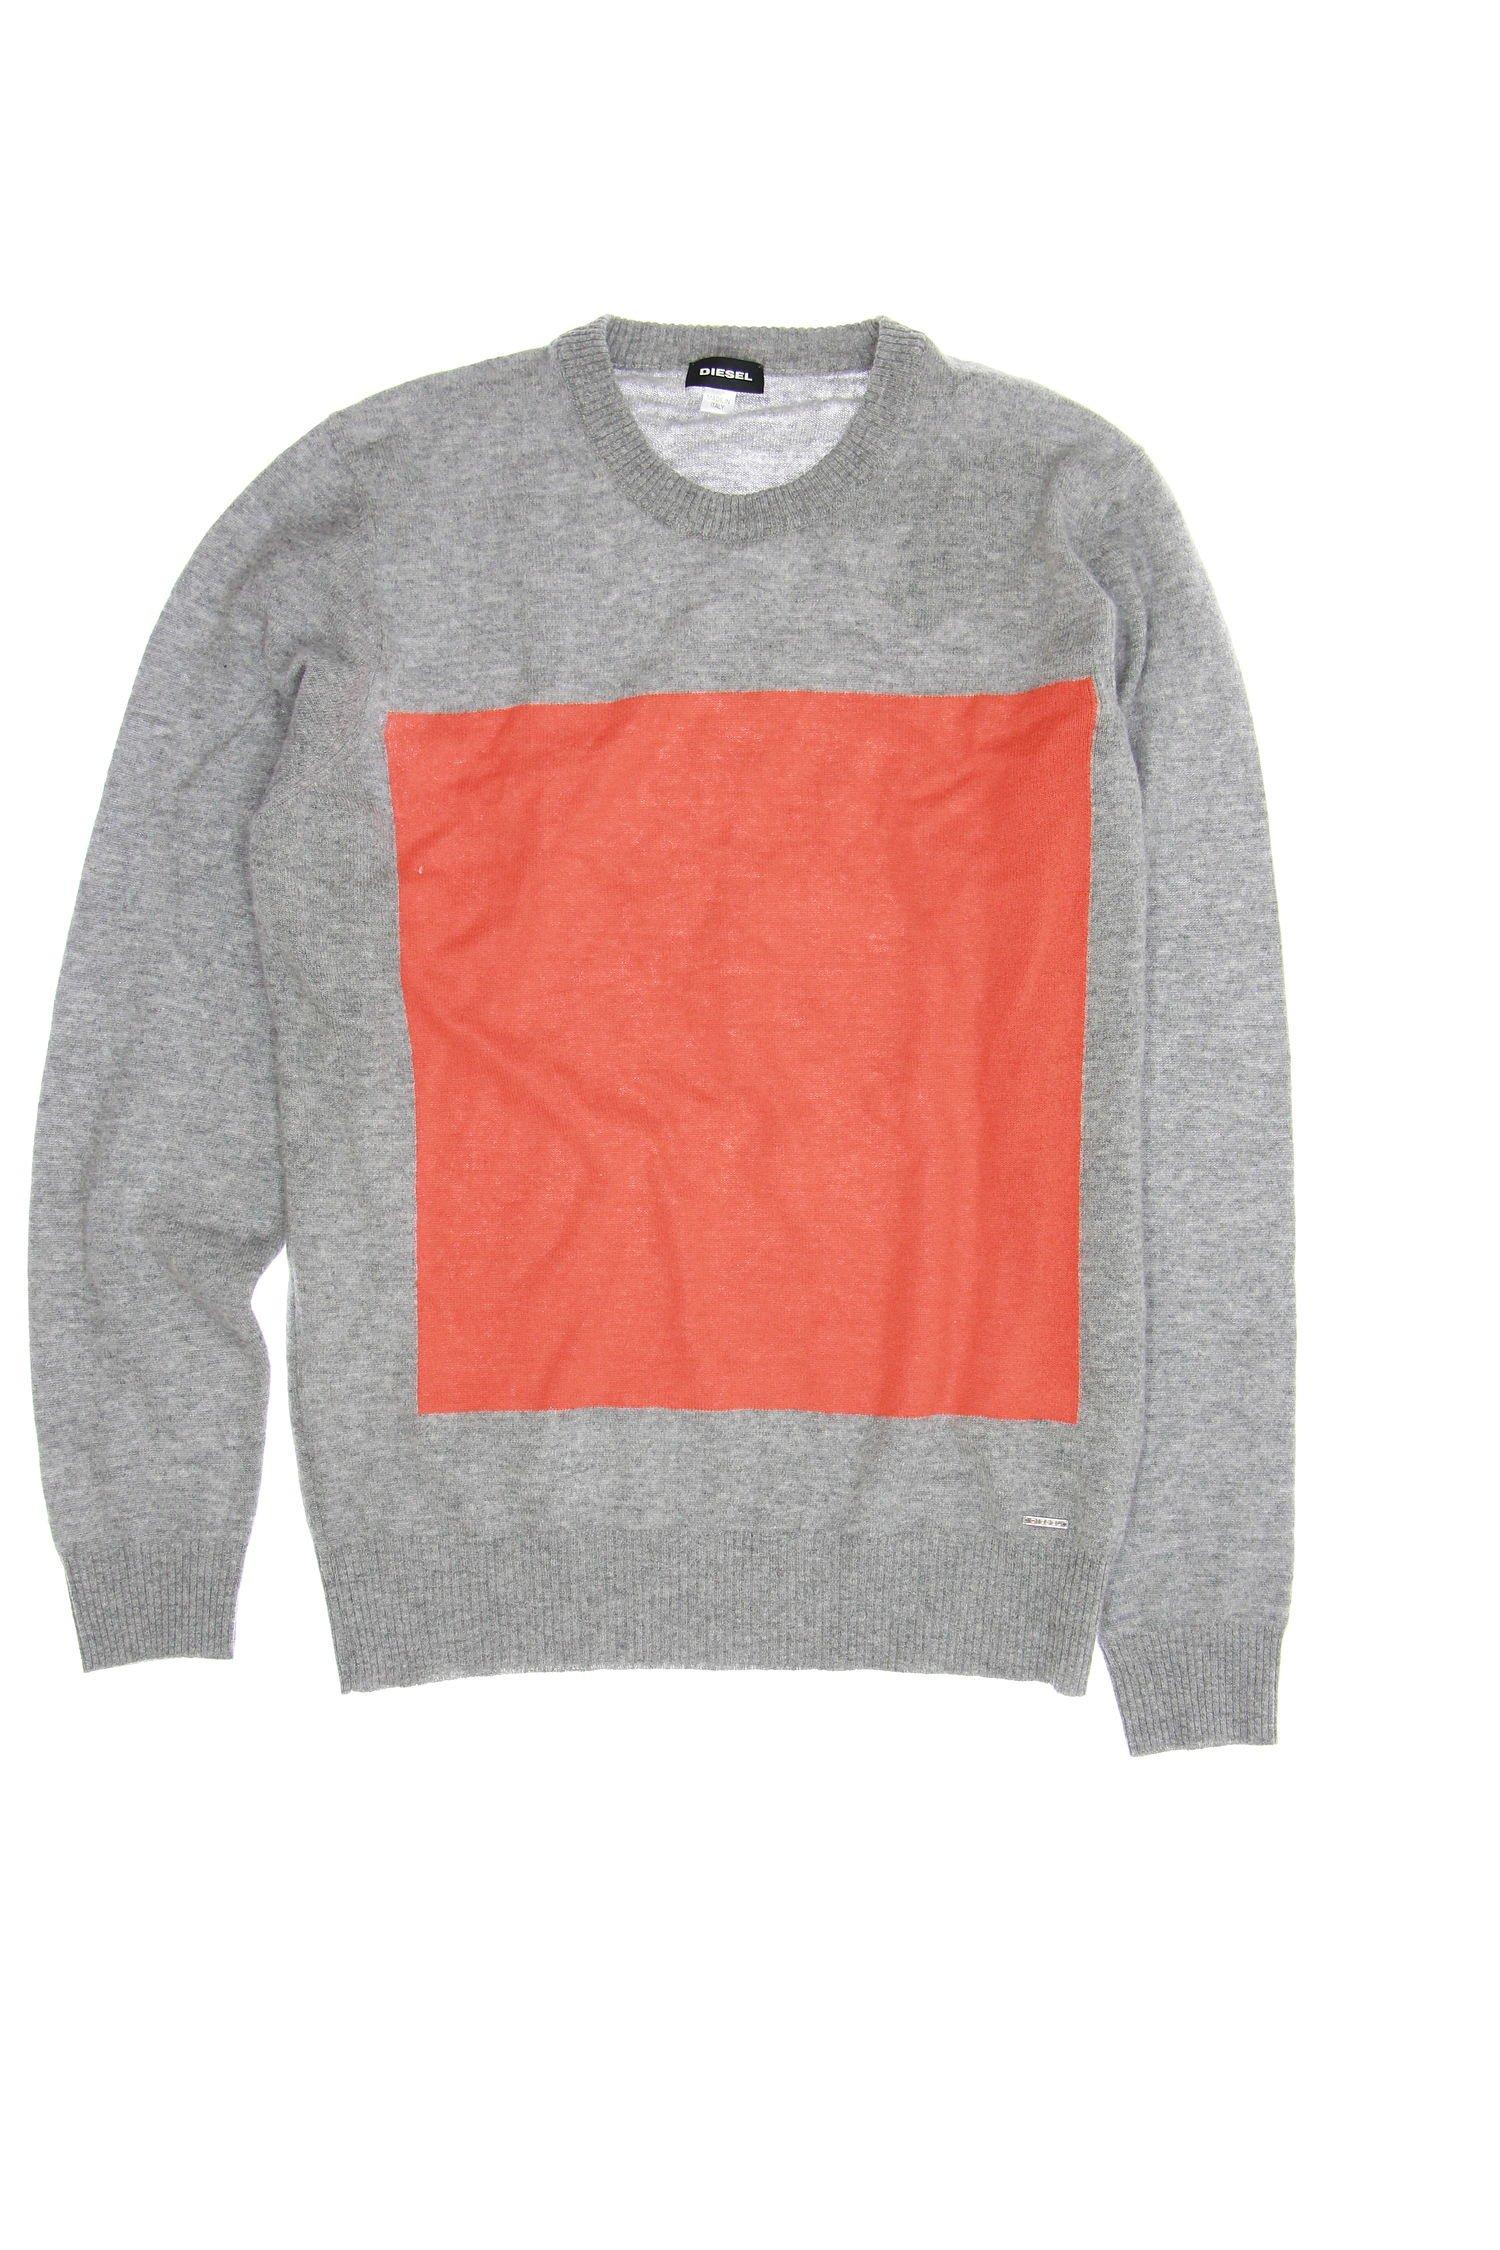 Diesel K-Resoluta Men's Heather Crew Neck Sweater (Medium, Light Gray) by Diesel